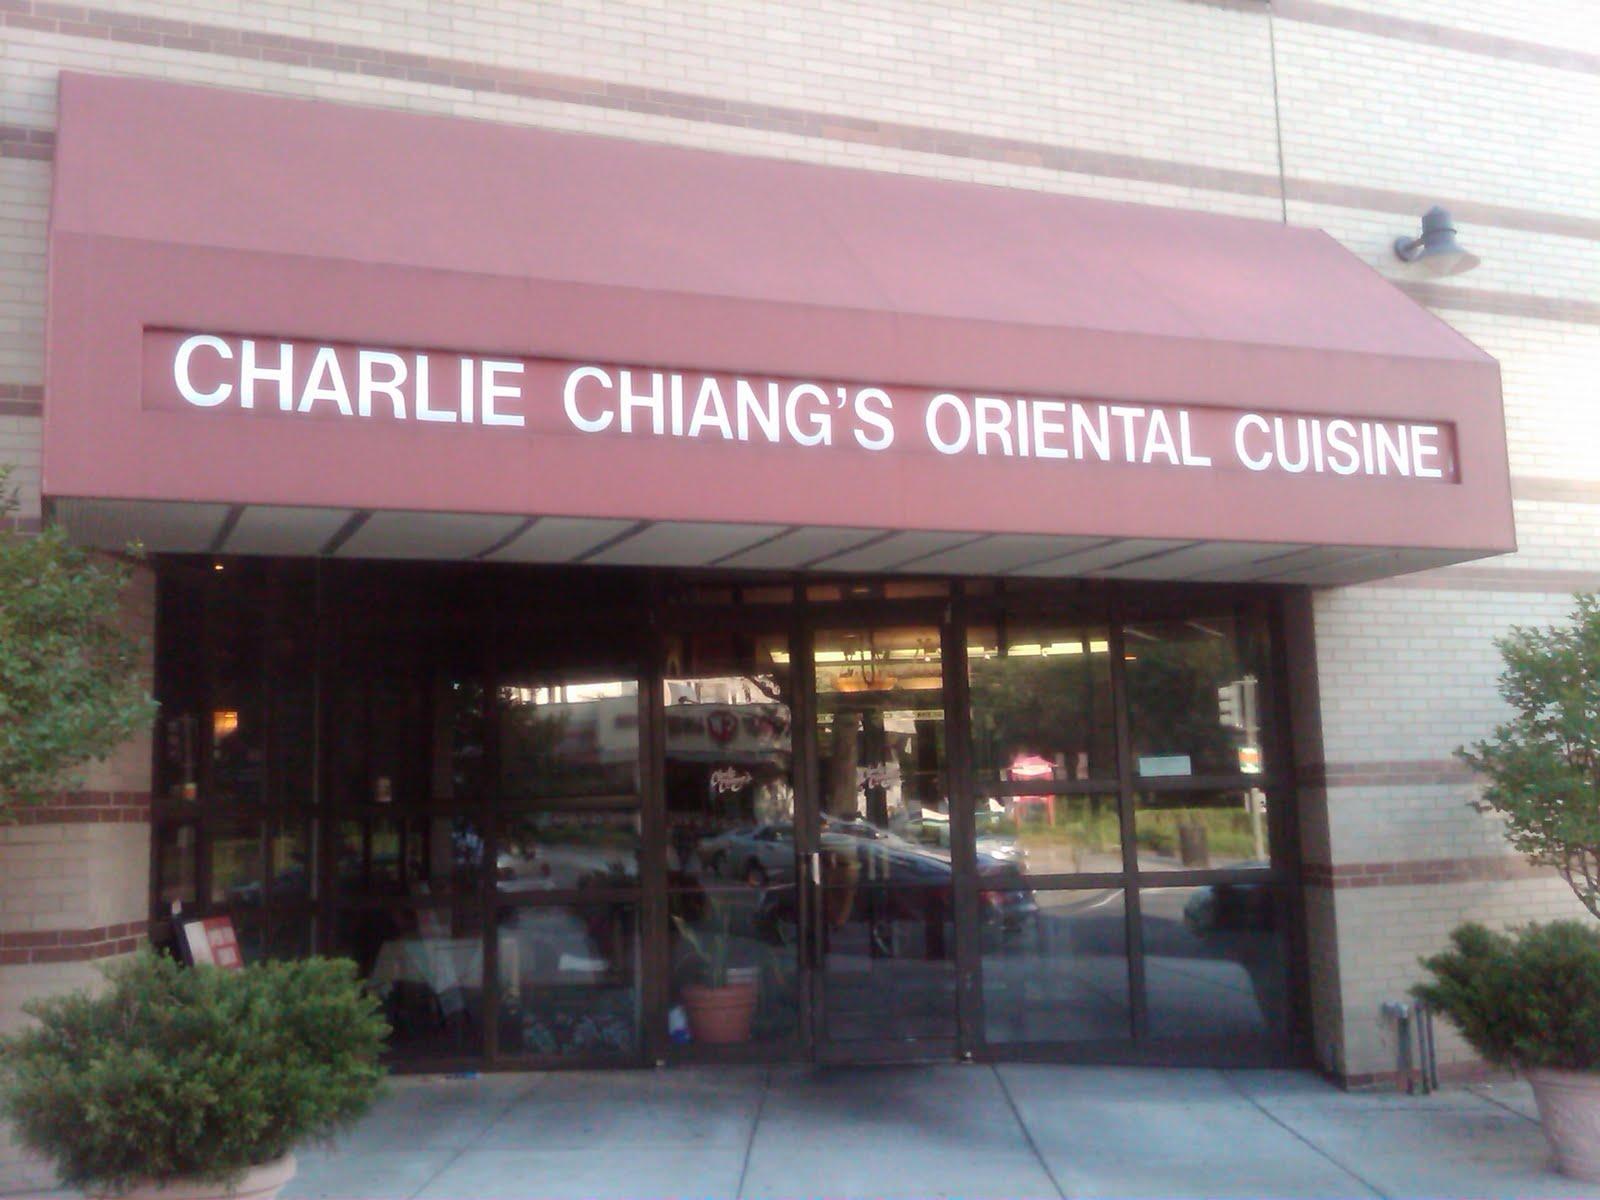 Outside of fancy restaurants